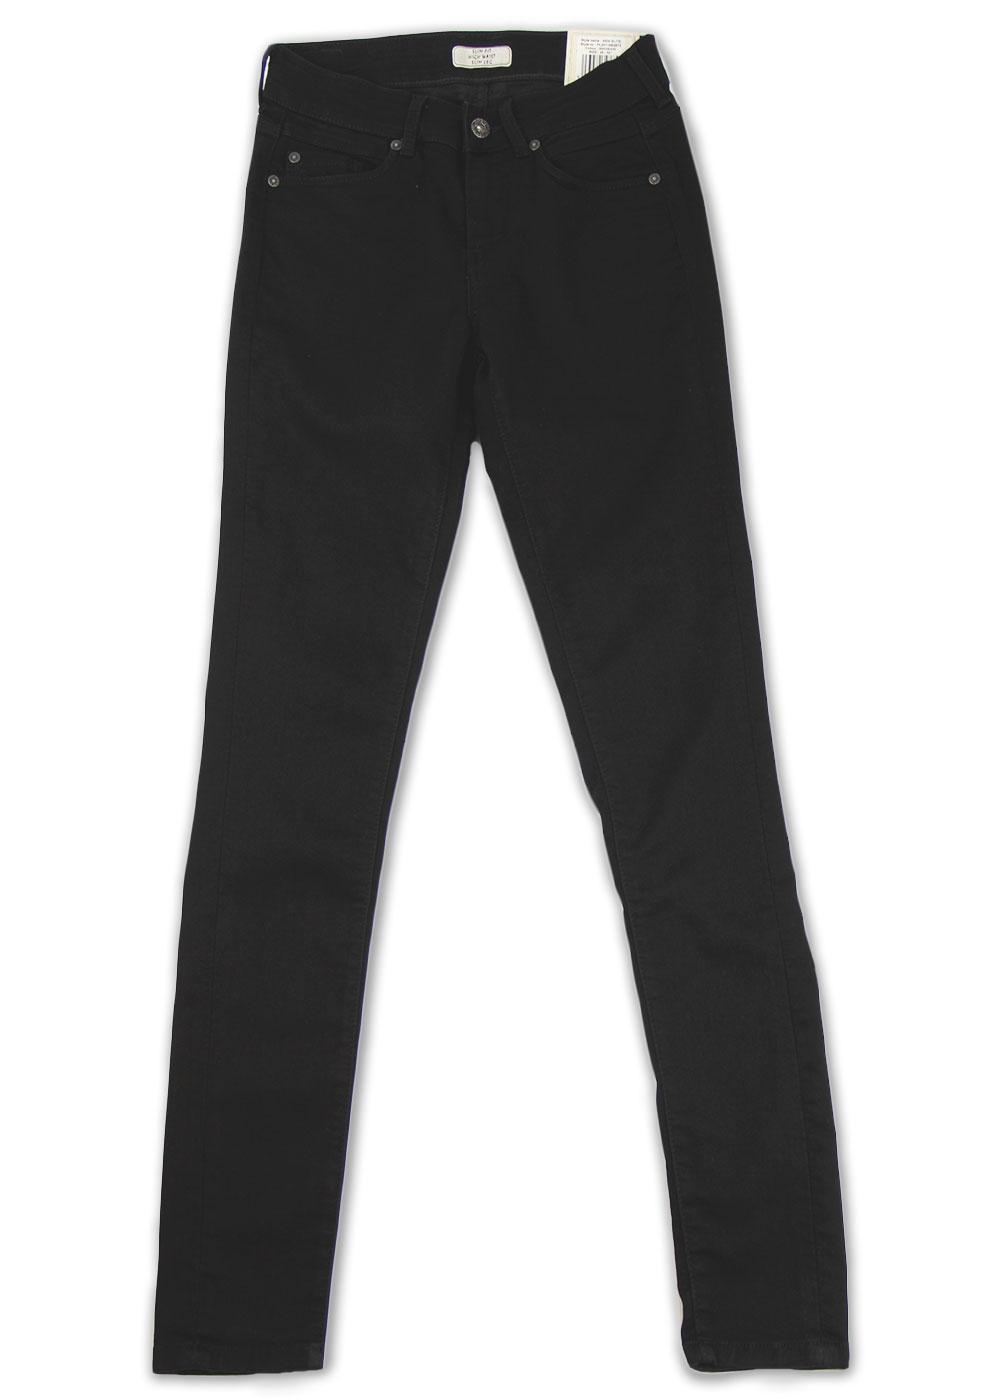 New Elite Pepe Retro Indie Black Skinny Jeans